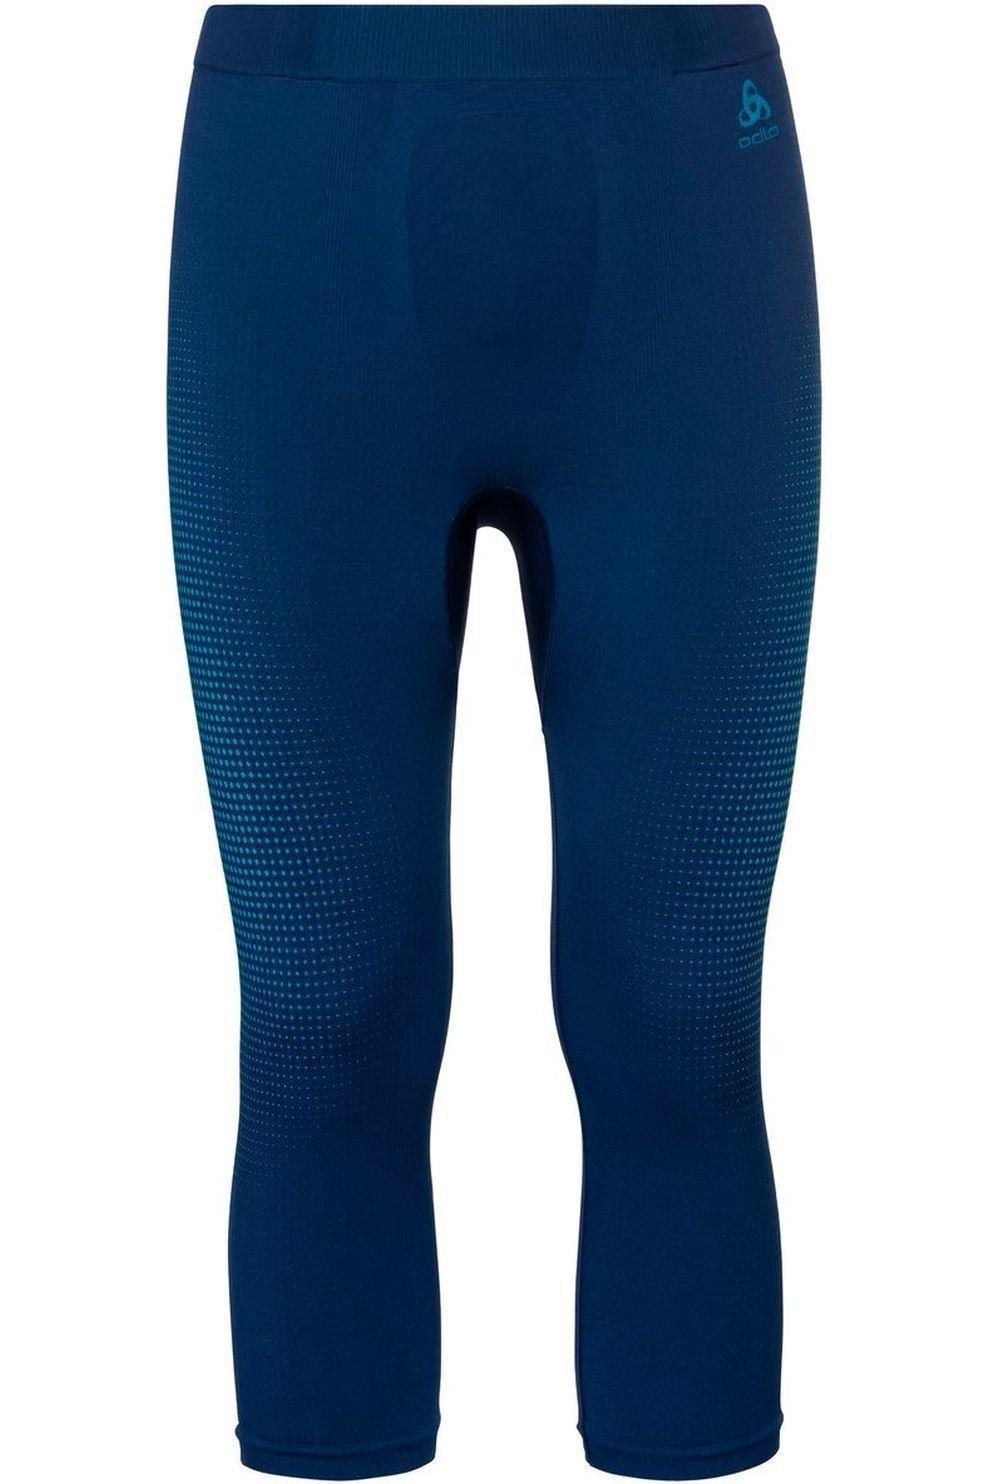 Odlo Ondergoed 3/4 Performance Warm Eco voor heren - Blauw - Maten: S, M, L, XL, XXL